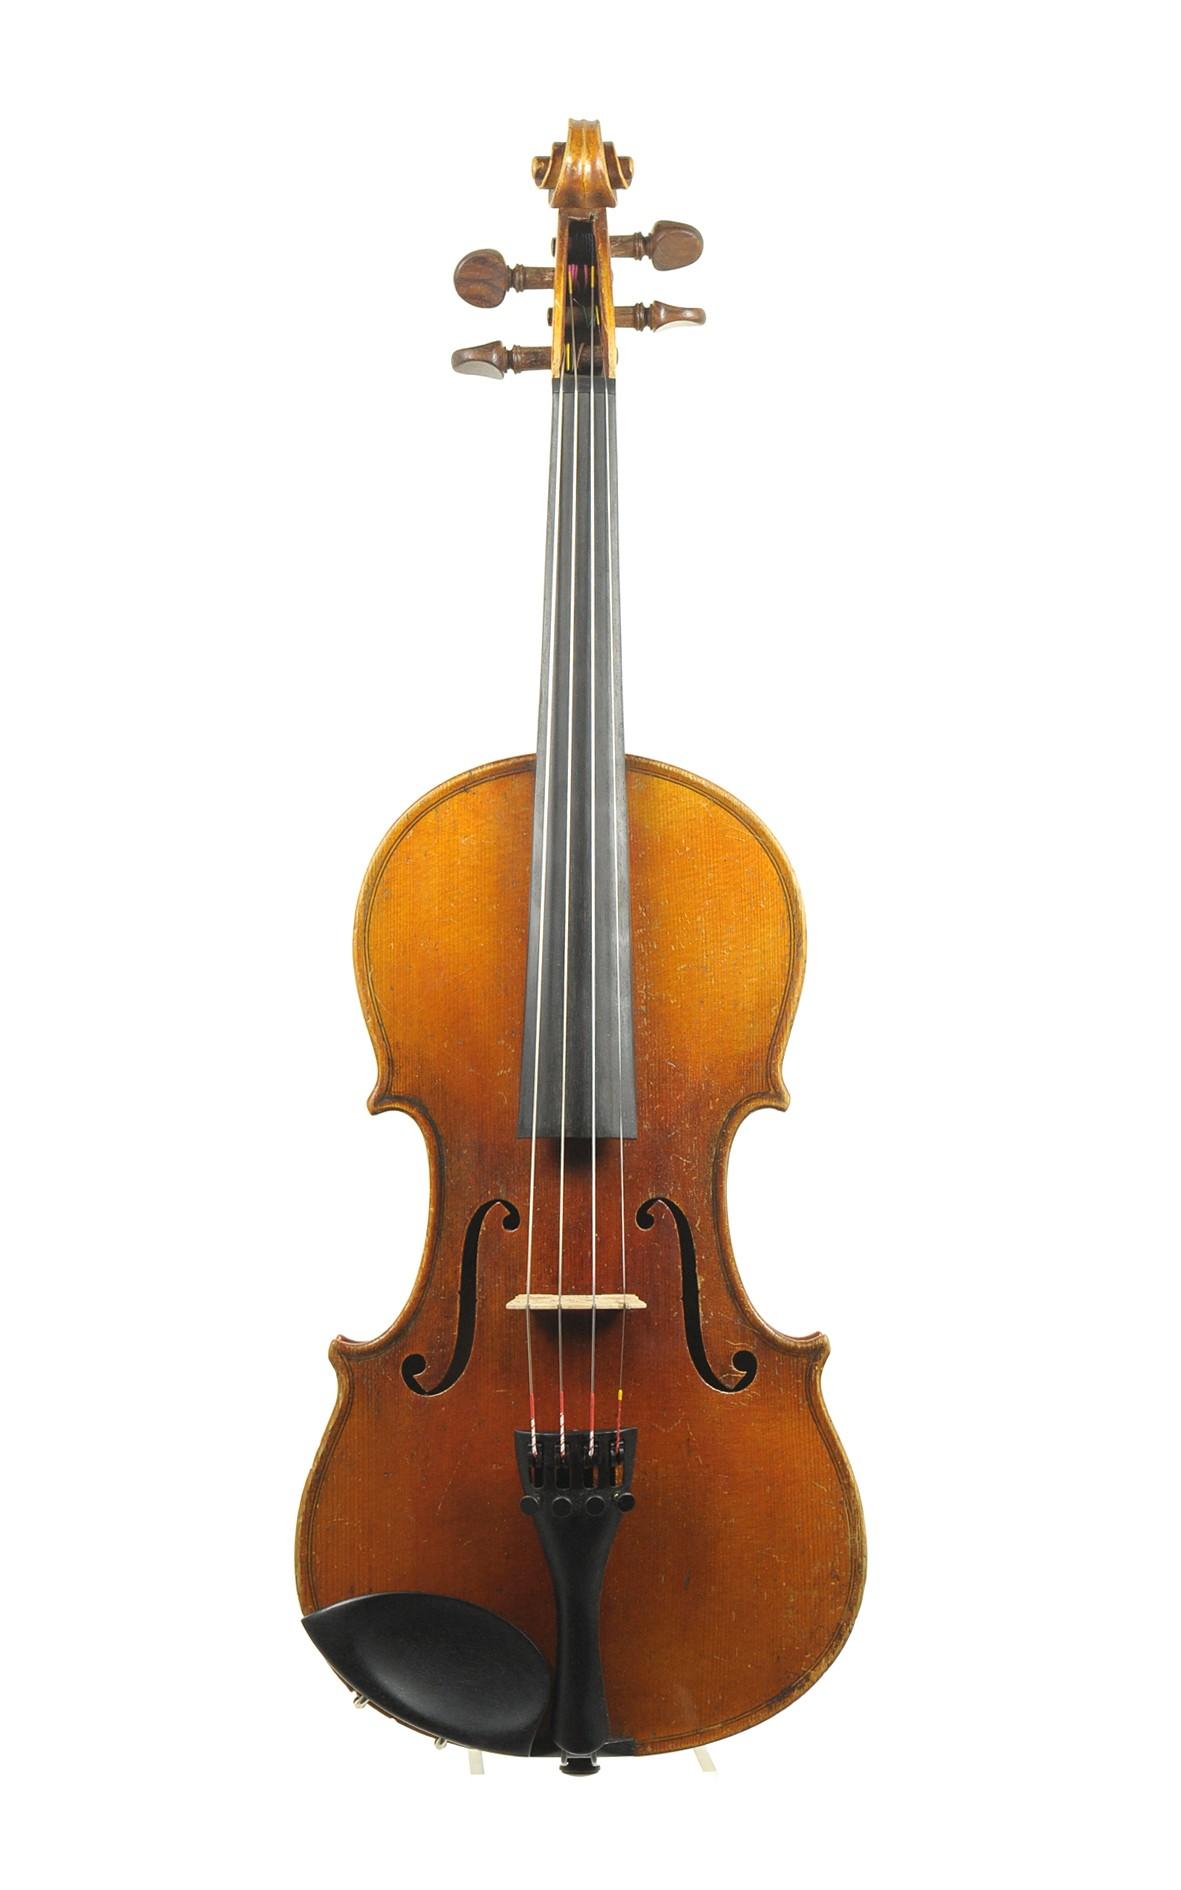 deutsche 3/4 Geige, wahrscheinlich A. C. Glier